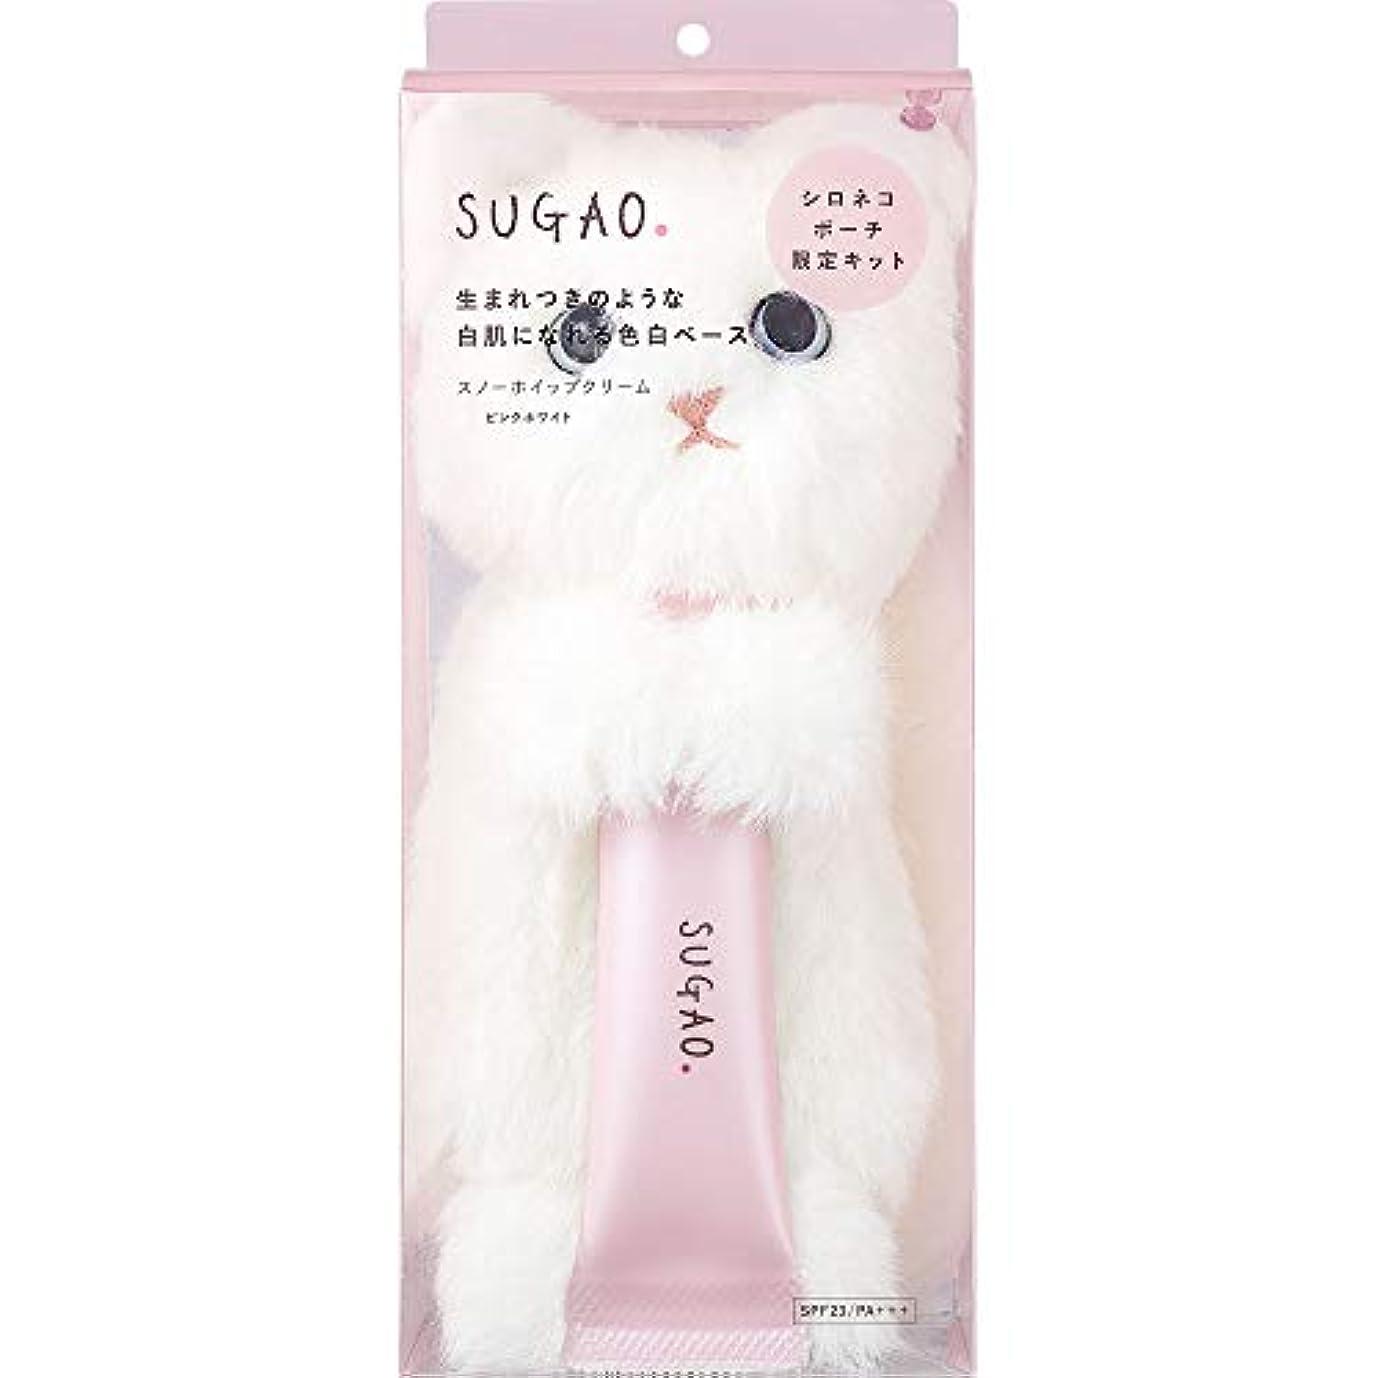 メルボルン女優ホームレススガオ (SUGAO) 化粧下地 スノーホイップクリーム シロネコポーチ付き